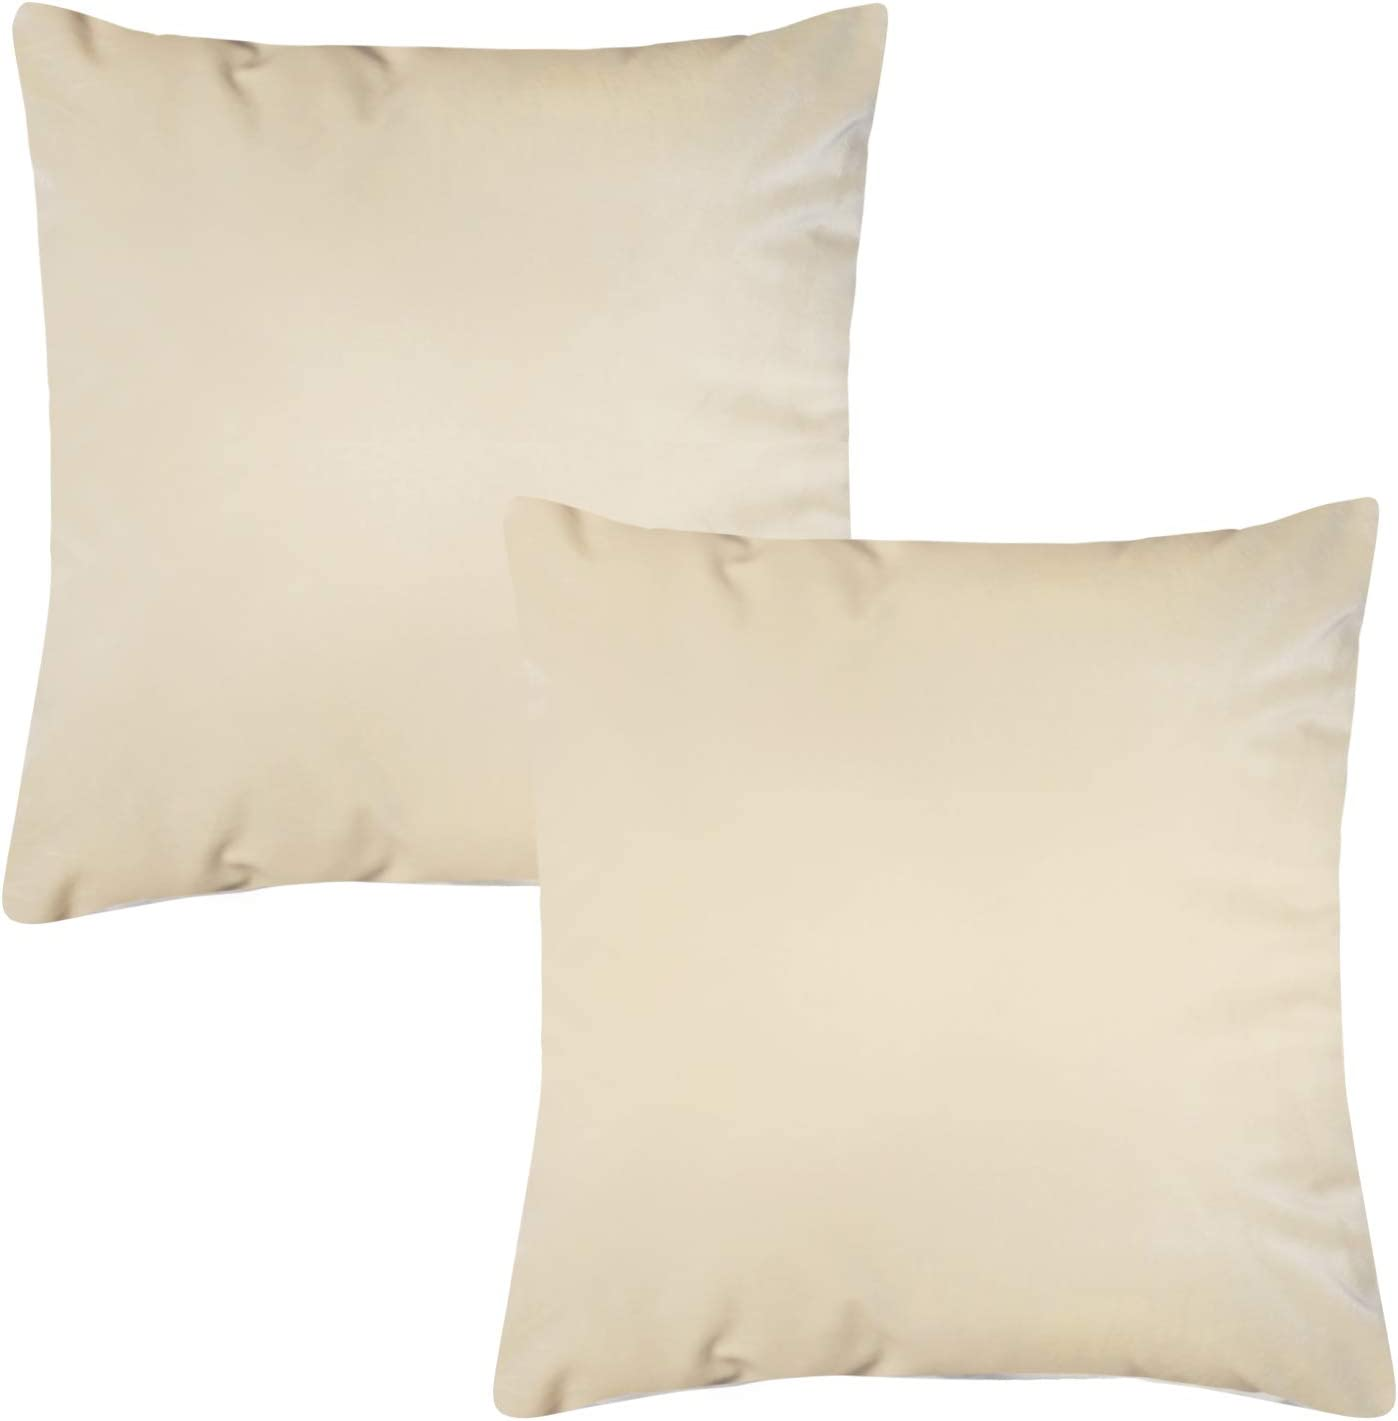 SUO AI TEXTILE Throw Pillow Case Soft